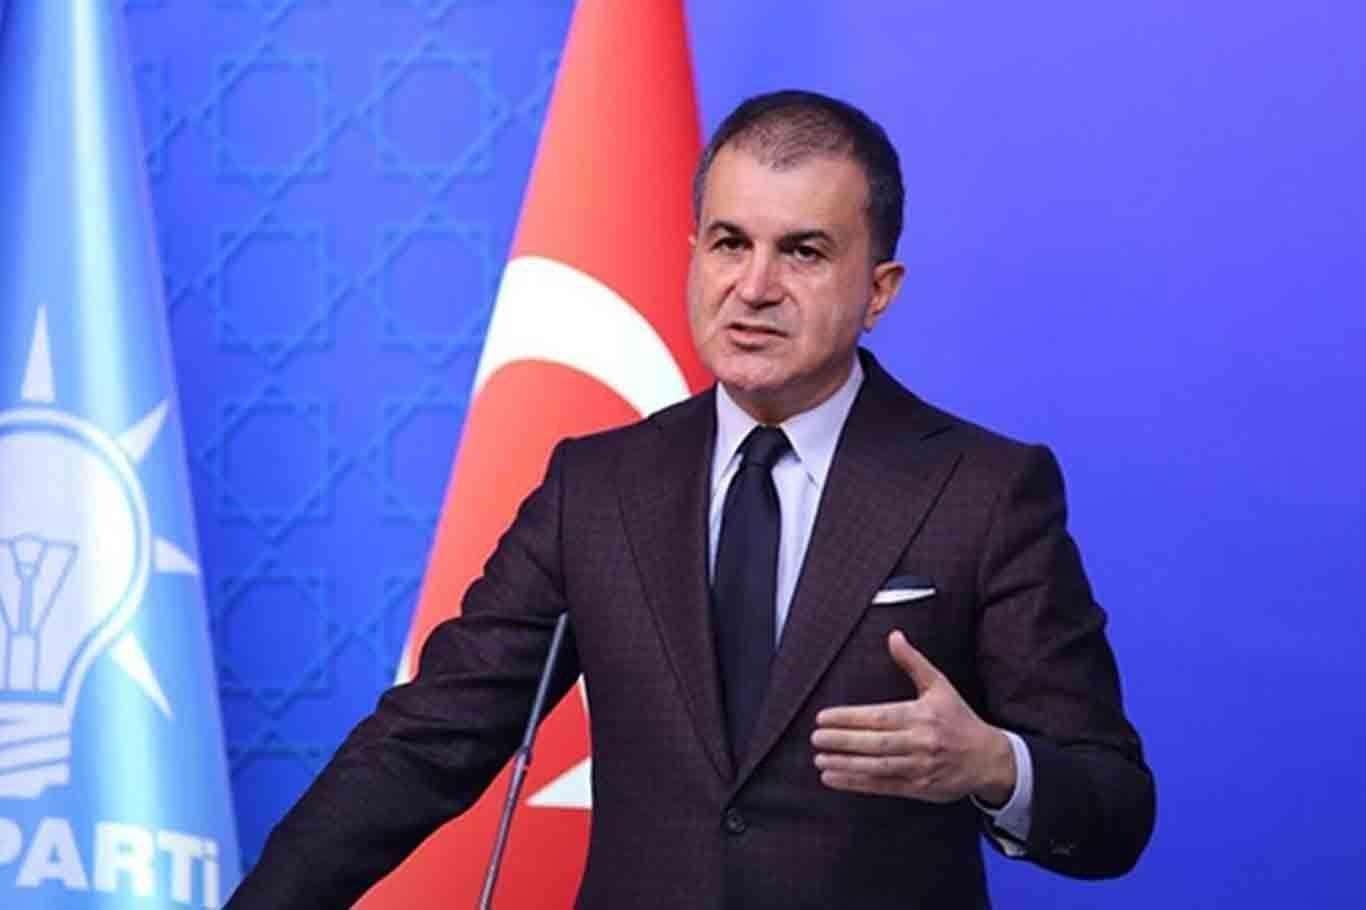 AK Parti Sözcüsü Çelik: Siyasi cinayet spekülasyonları ilkesiz ve utanç verici